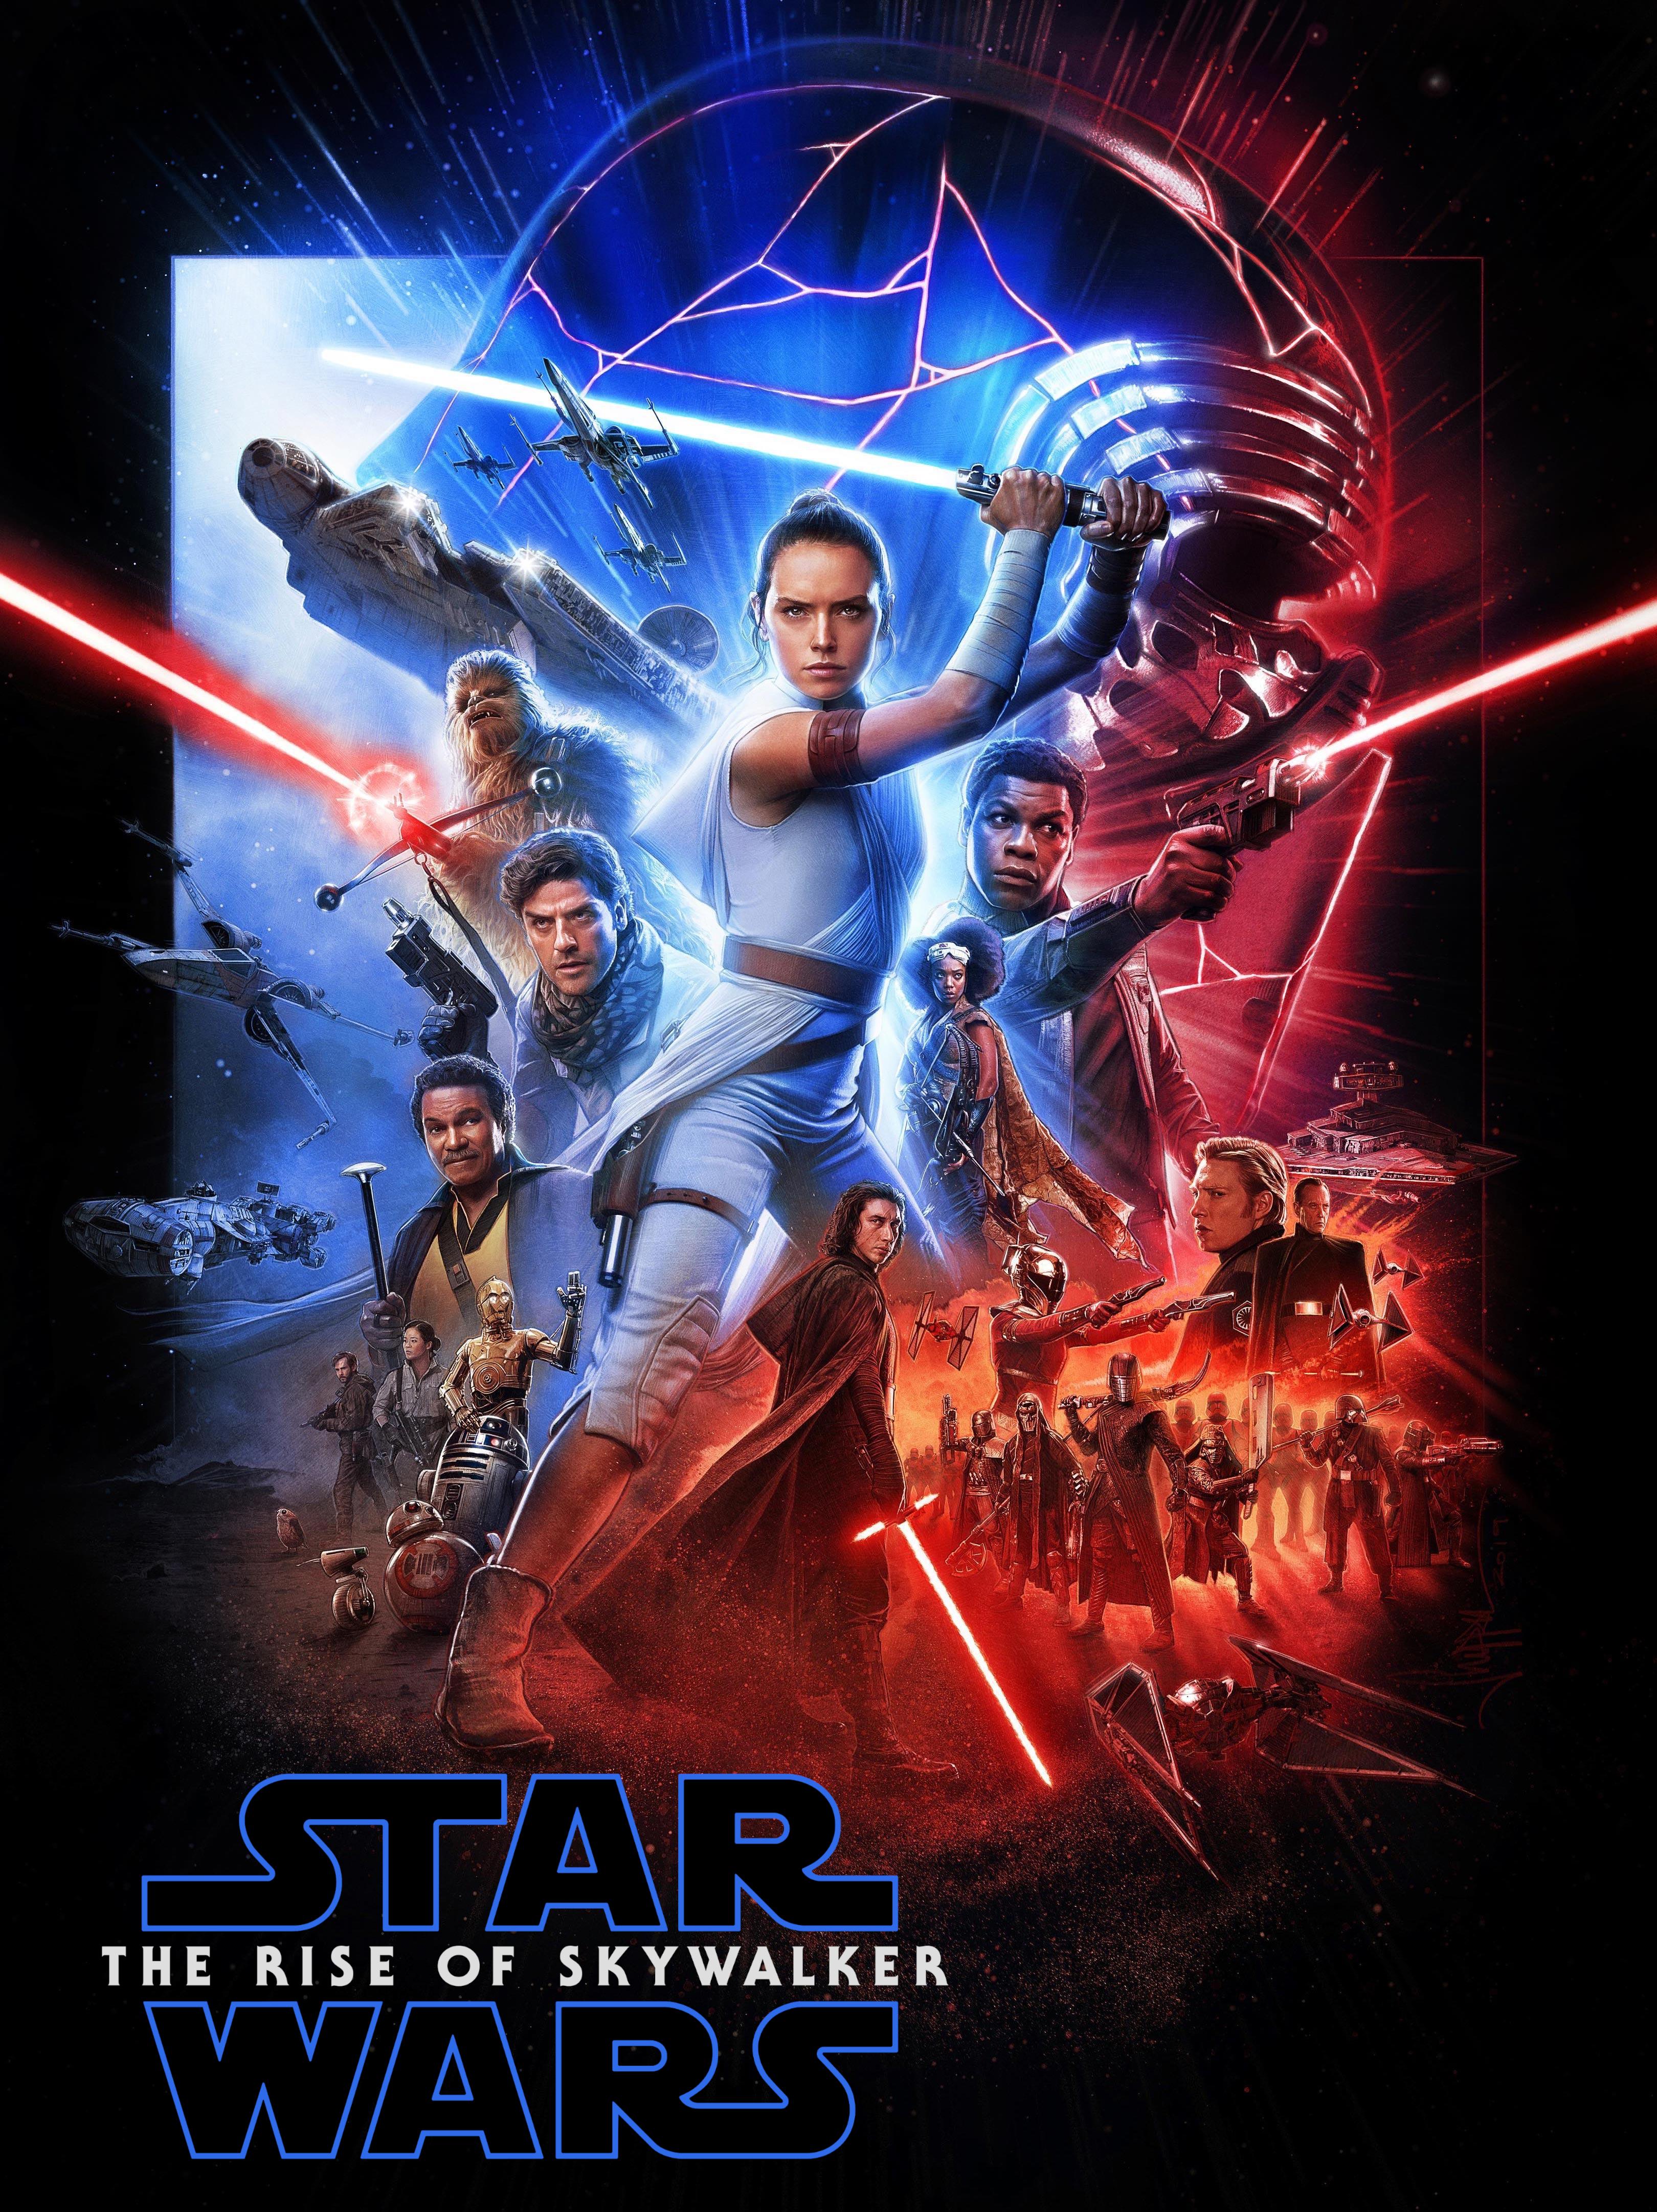 Star Wars The Rise Of Skywalker Paul Shipper Alt Posterreggie S Take Com